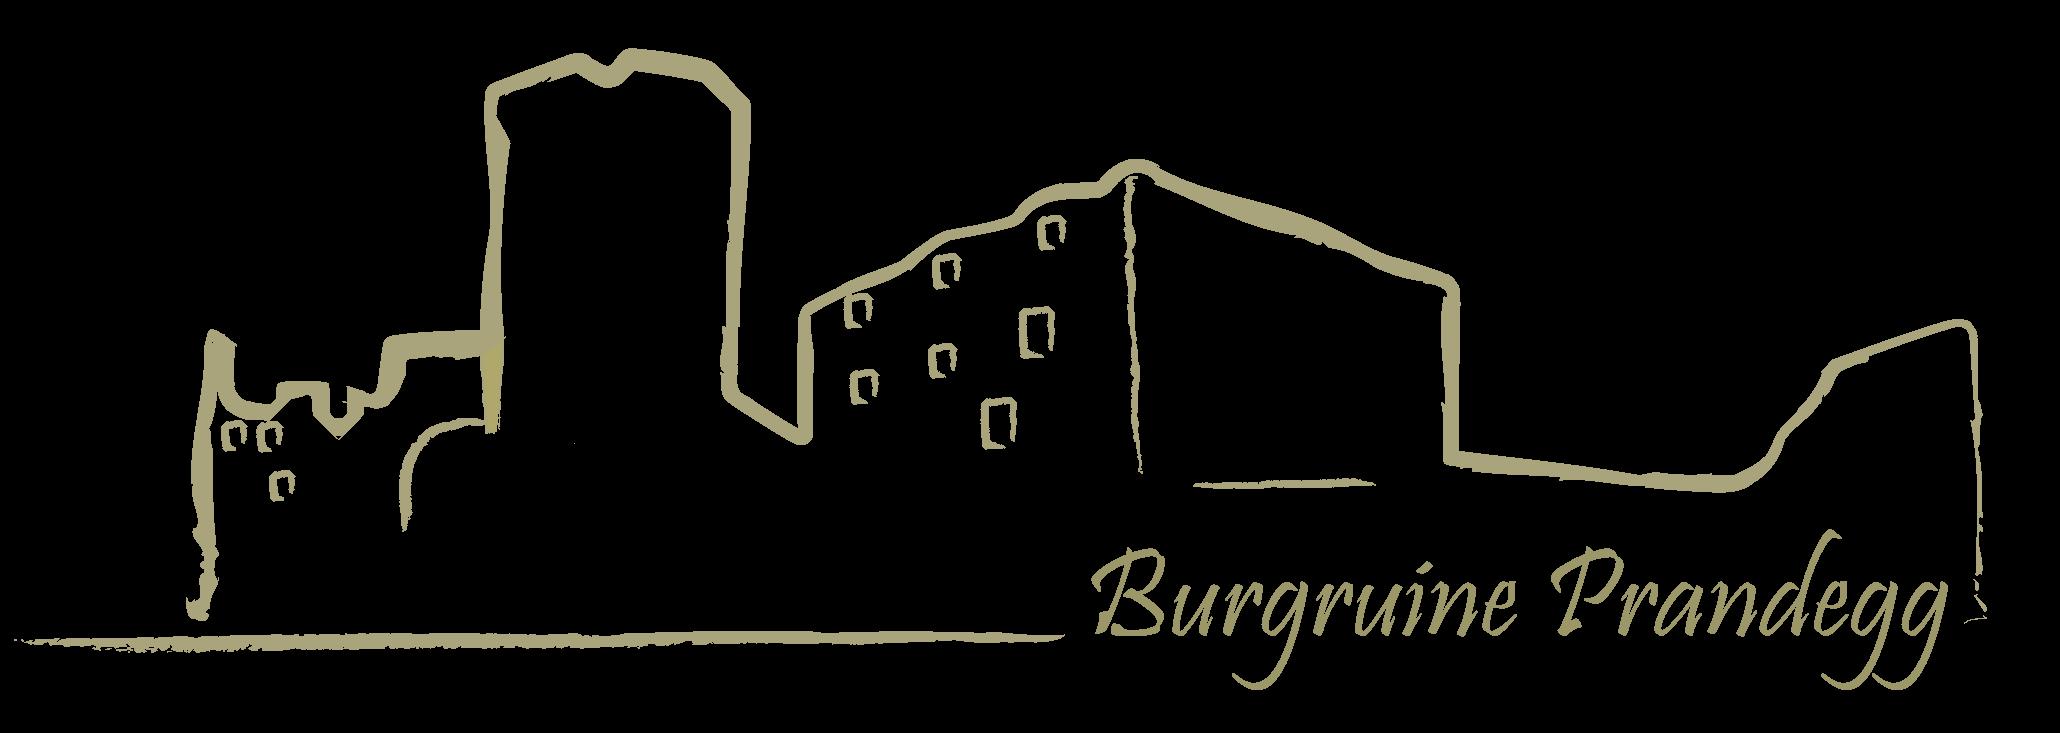 Burgruine Prandegg